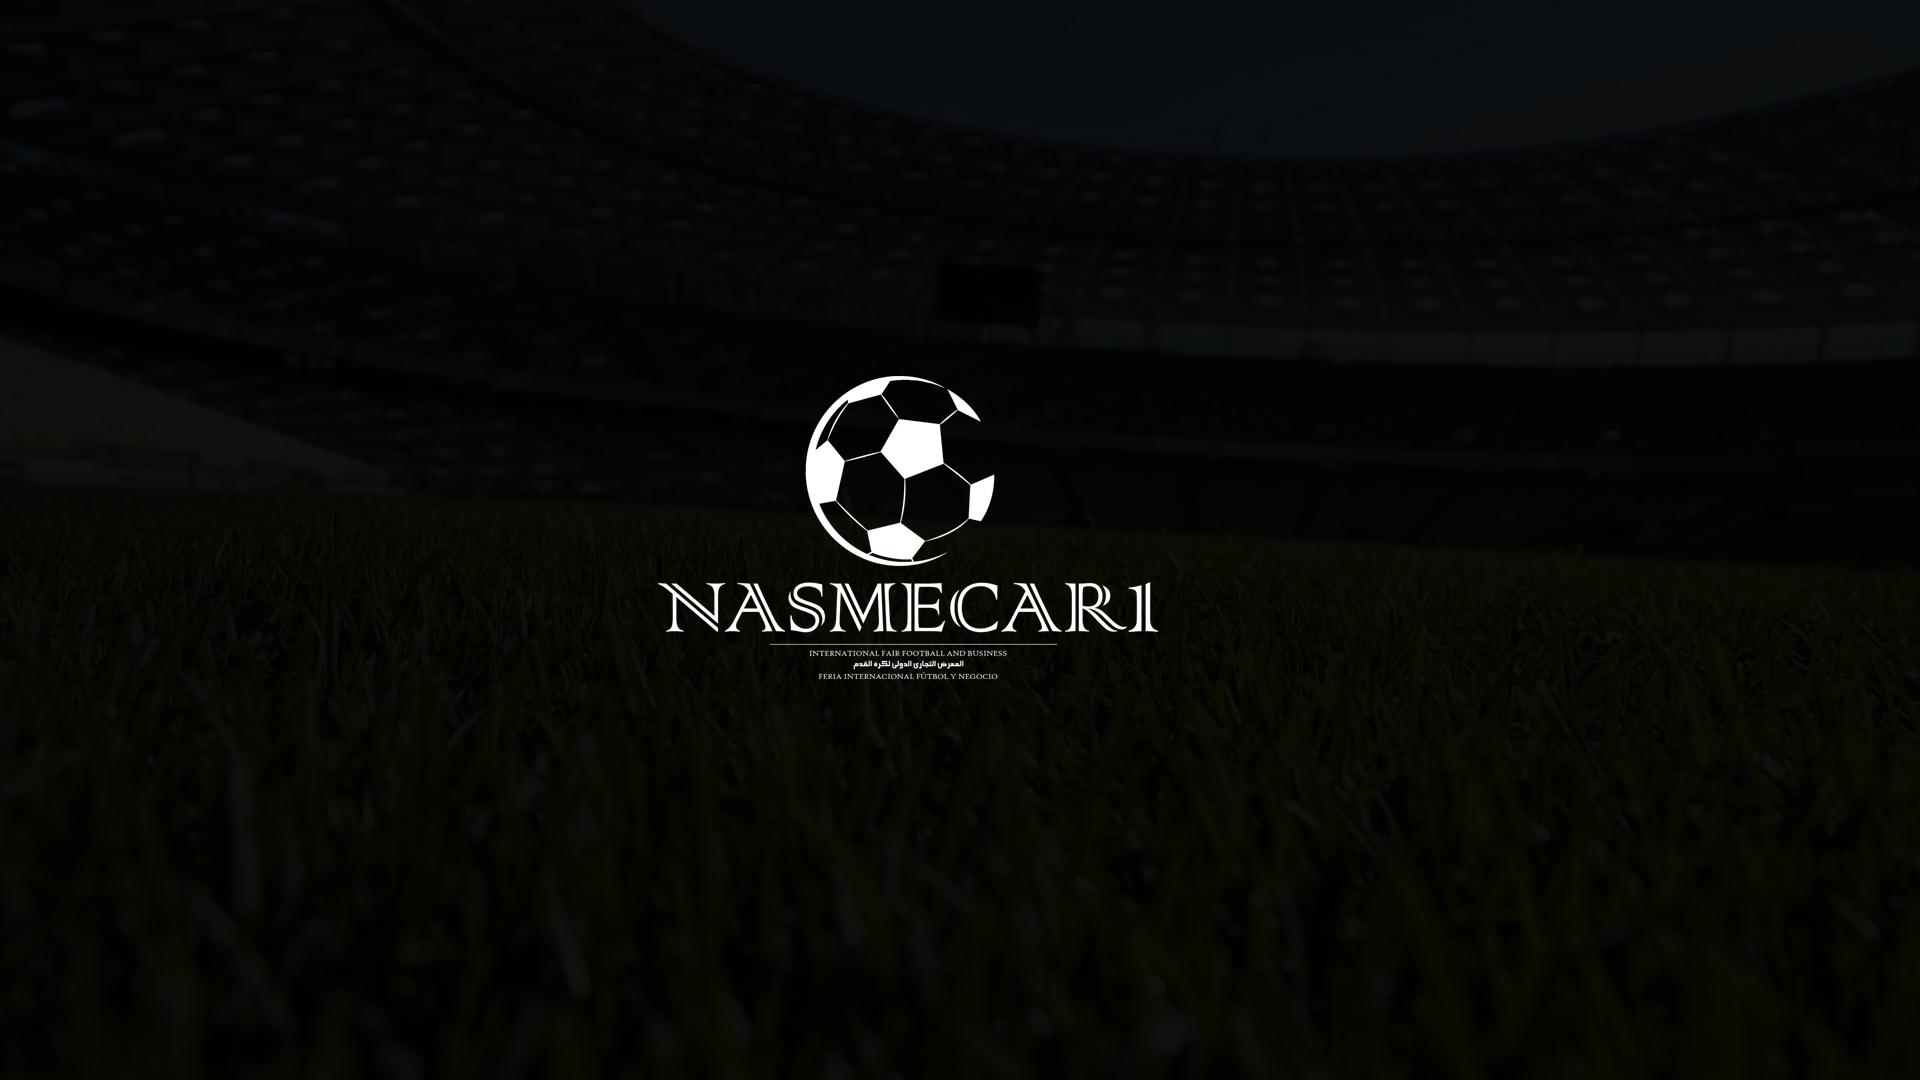 NASMECAR1-NASMECA-R1-NABIL ALMOUKRI -2 (11)